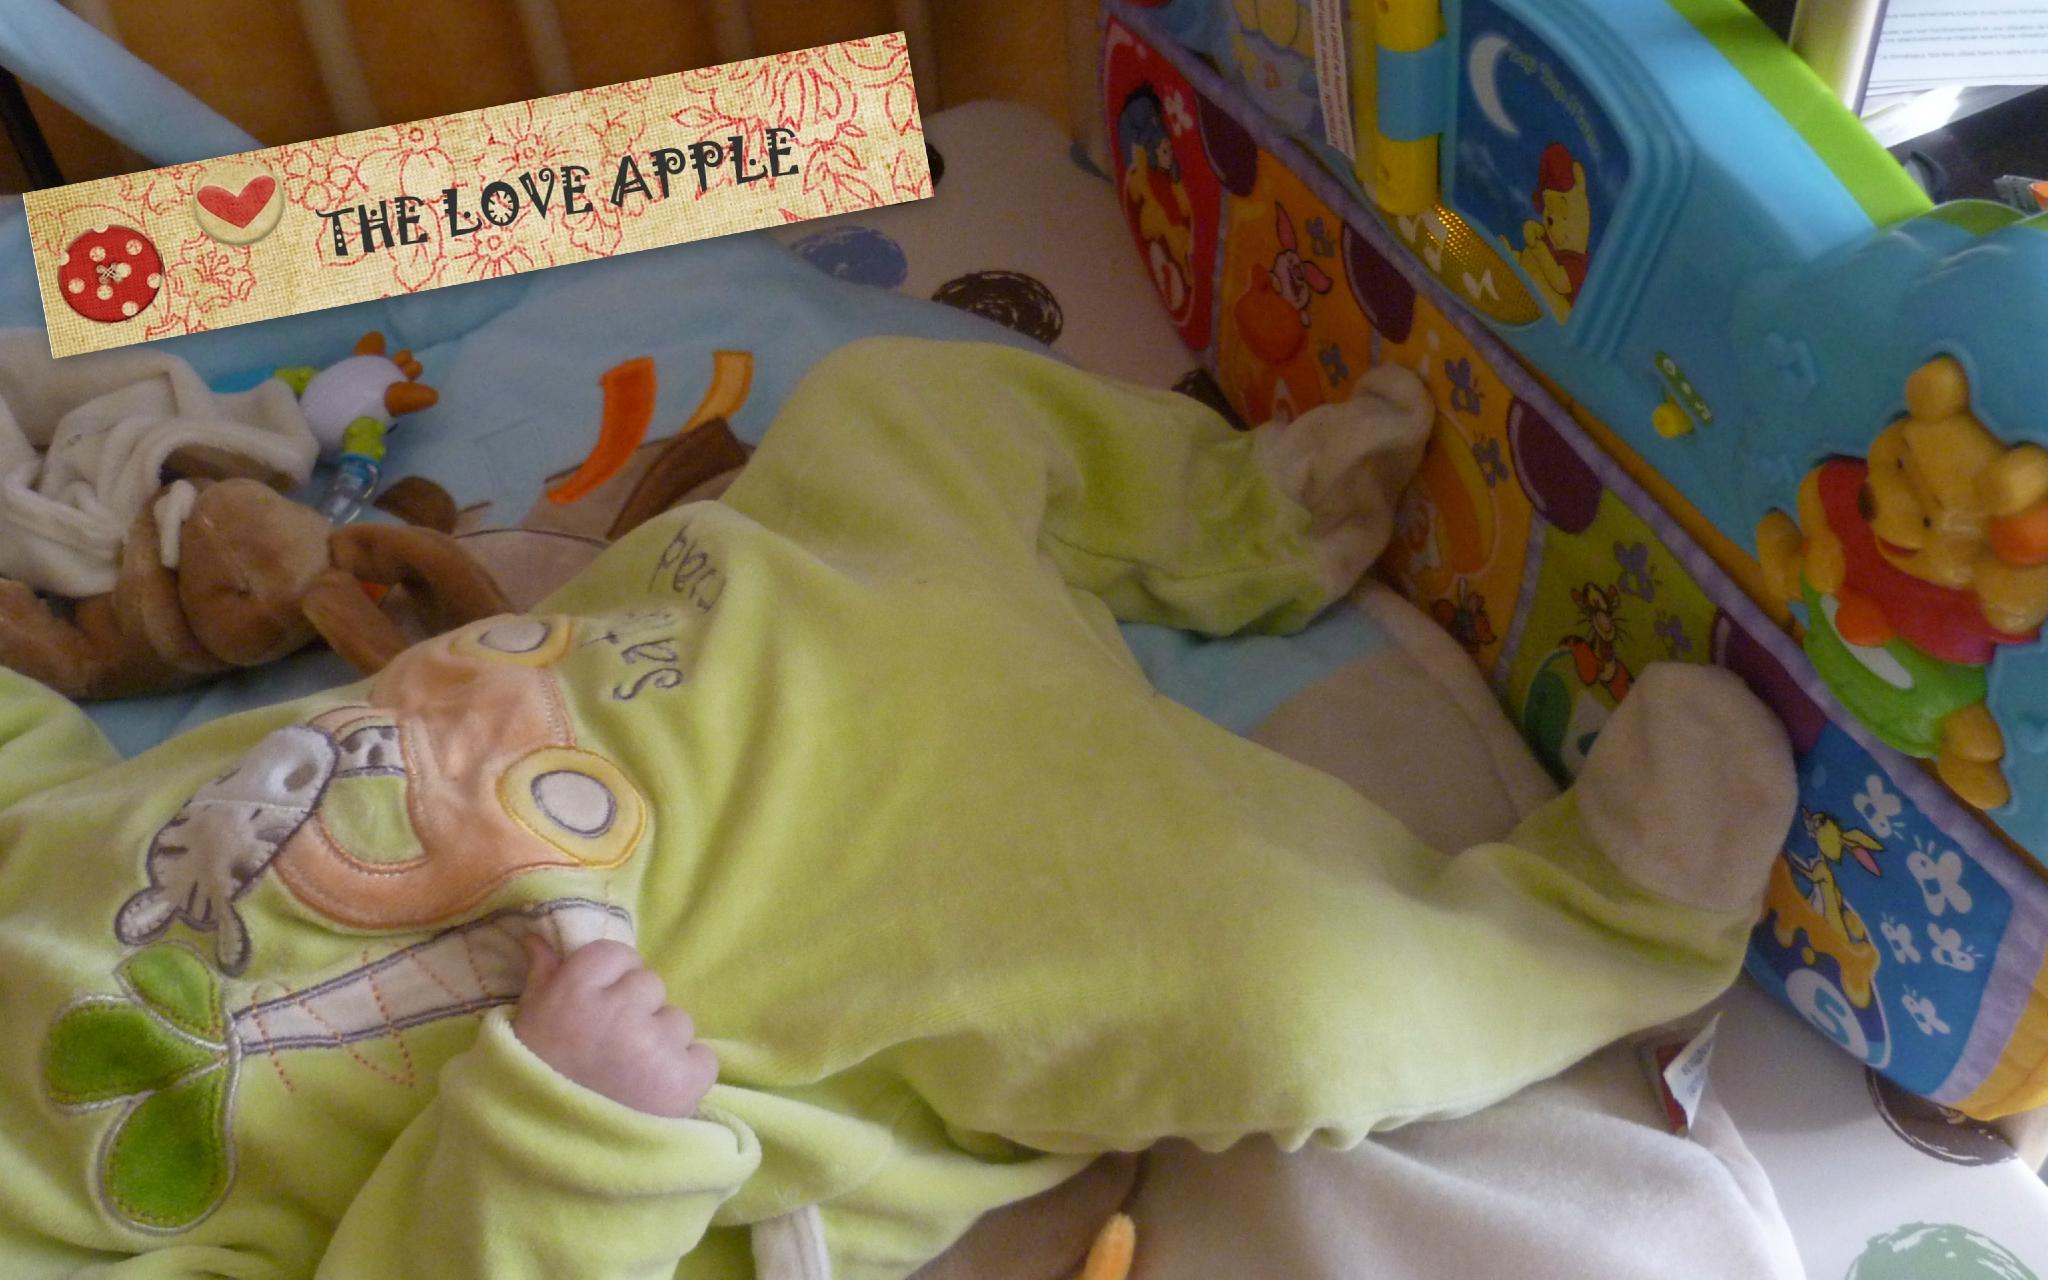 Jouet D Eveil Pour Bebe De 3 Mois - L'univers Du Bébé concernant Jeux Eveil Bebe 2 Mois